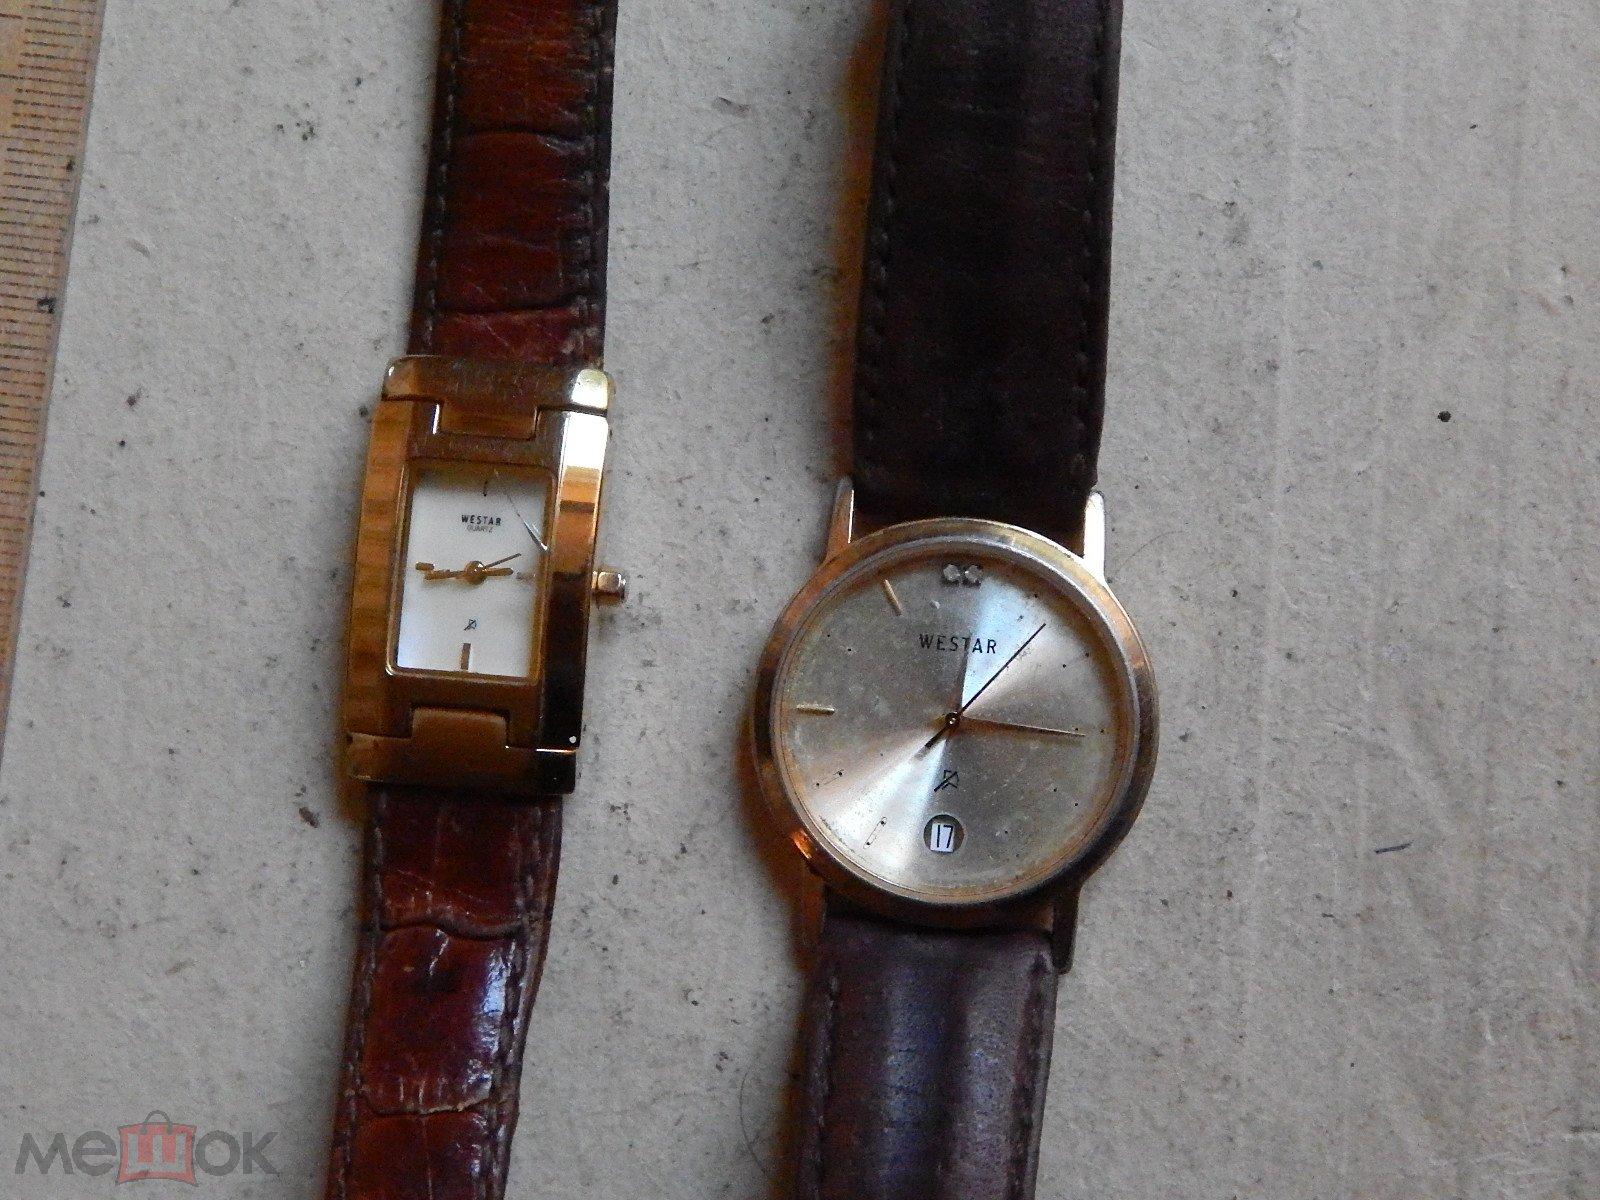 db39296c Фирменные стильные часы WESTAR, 1 лотом! Швейцария.